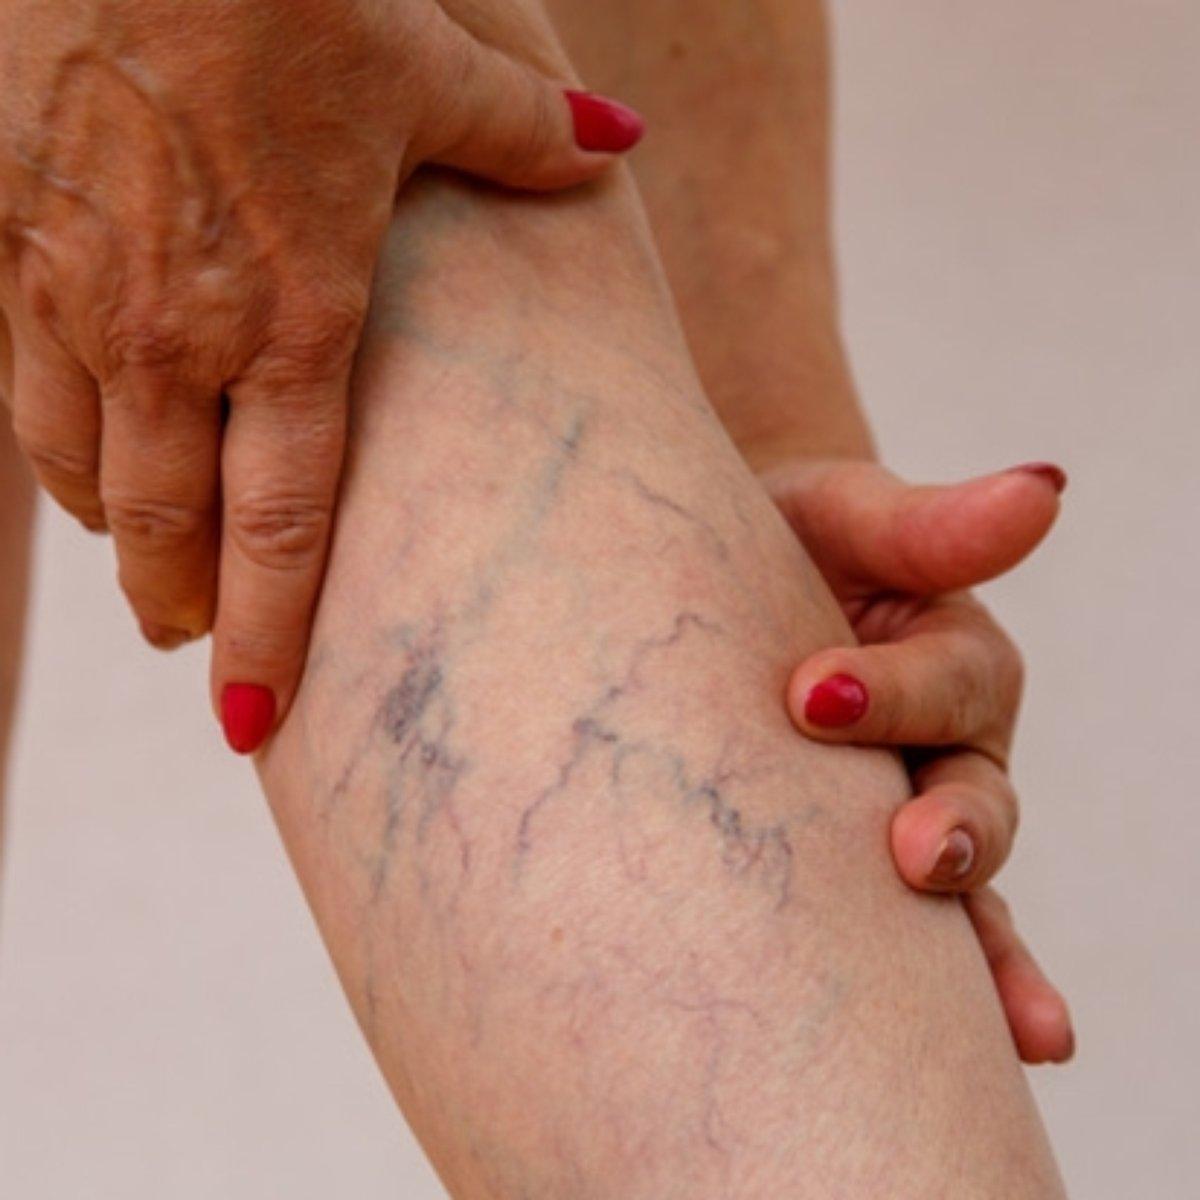 Dor na perna esquerda da parte inferior das costas para libras nos pés